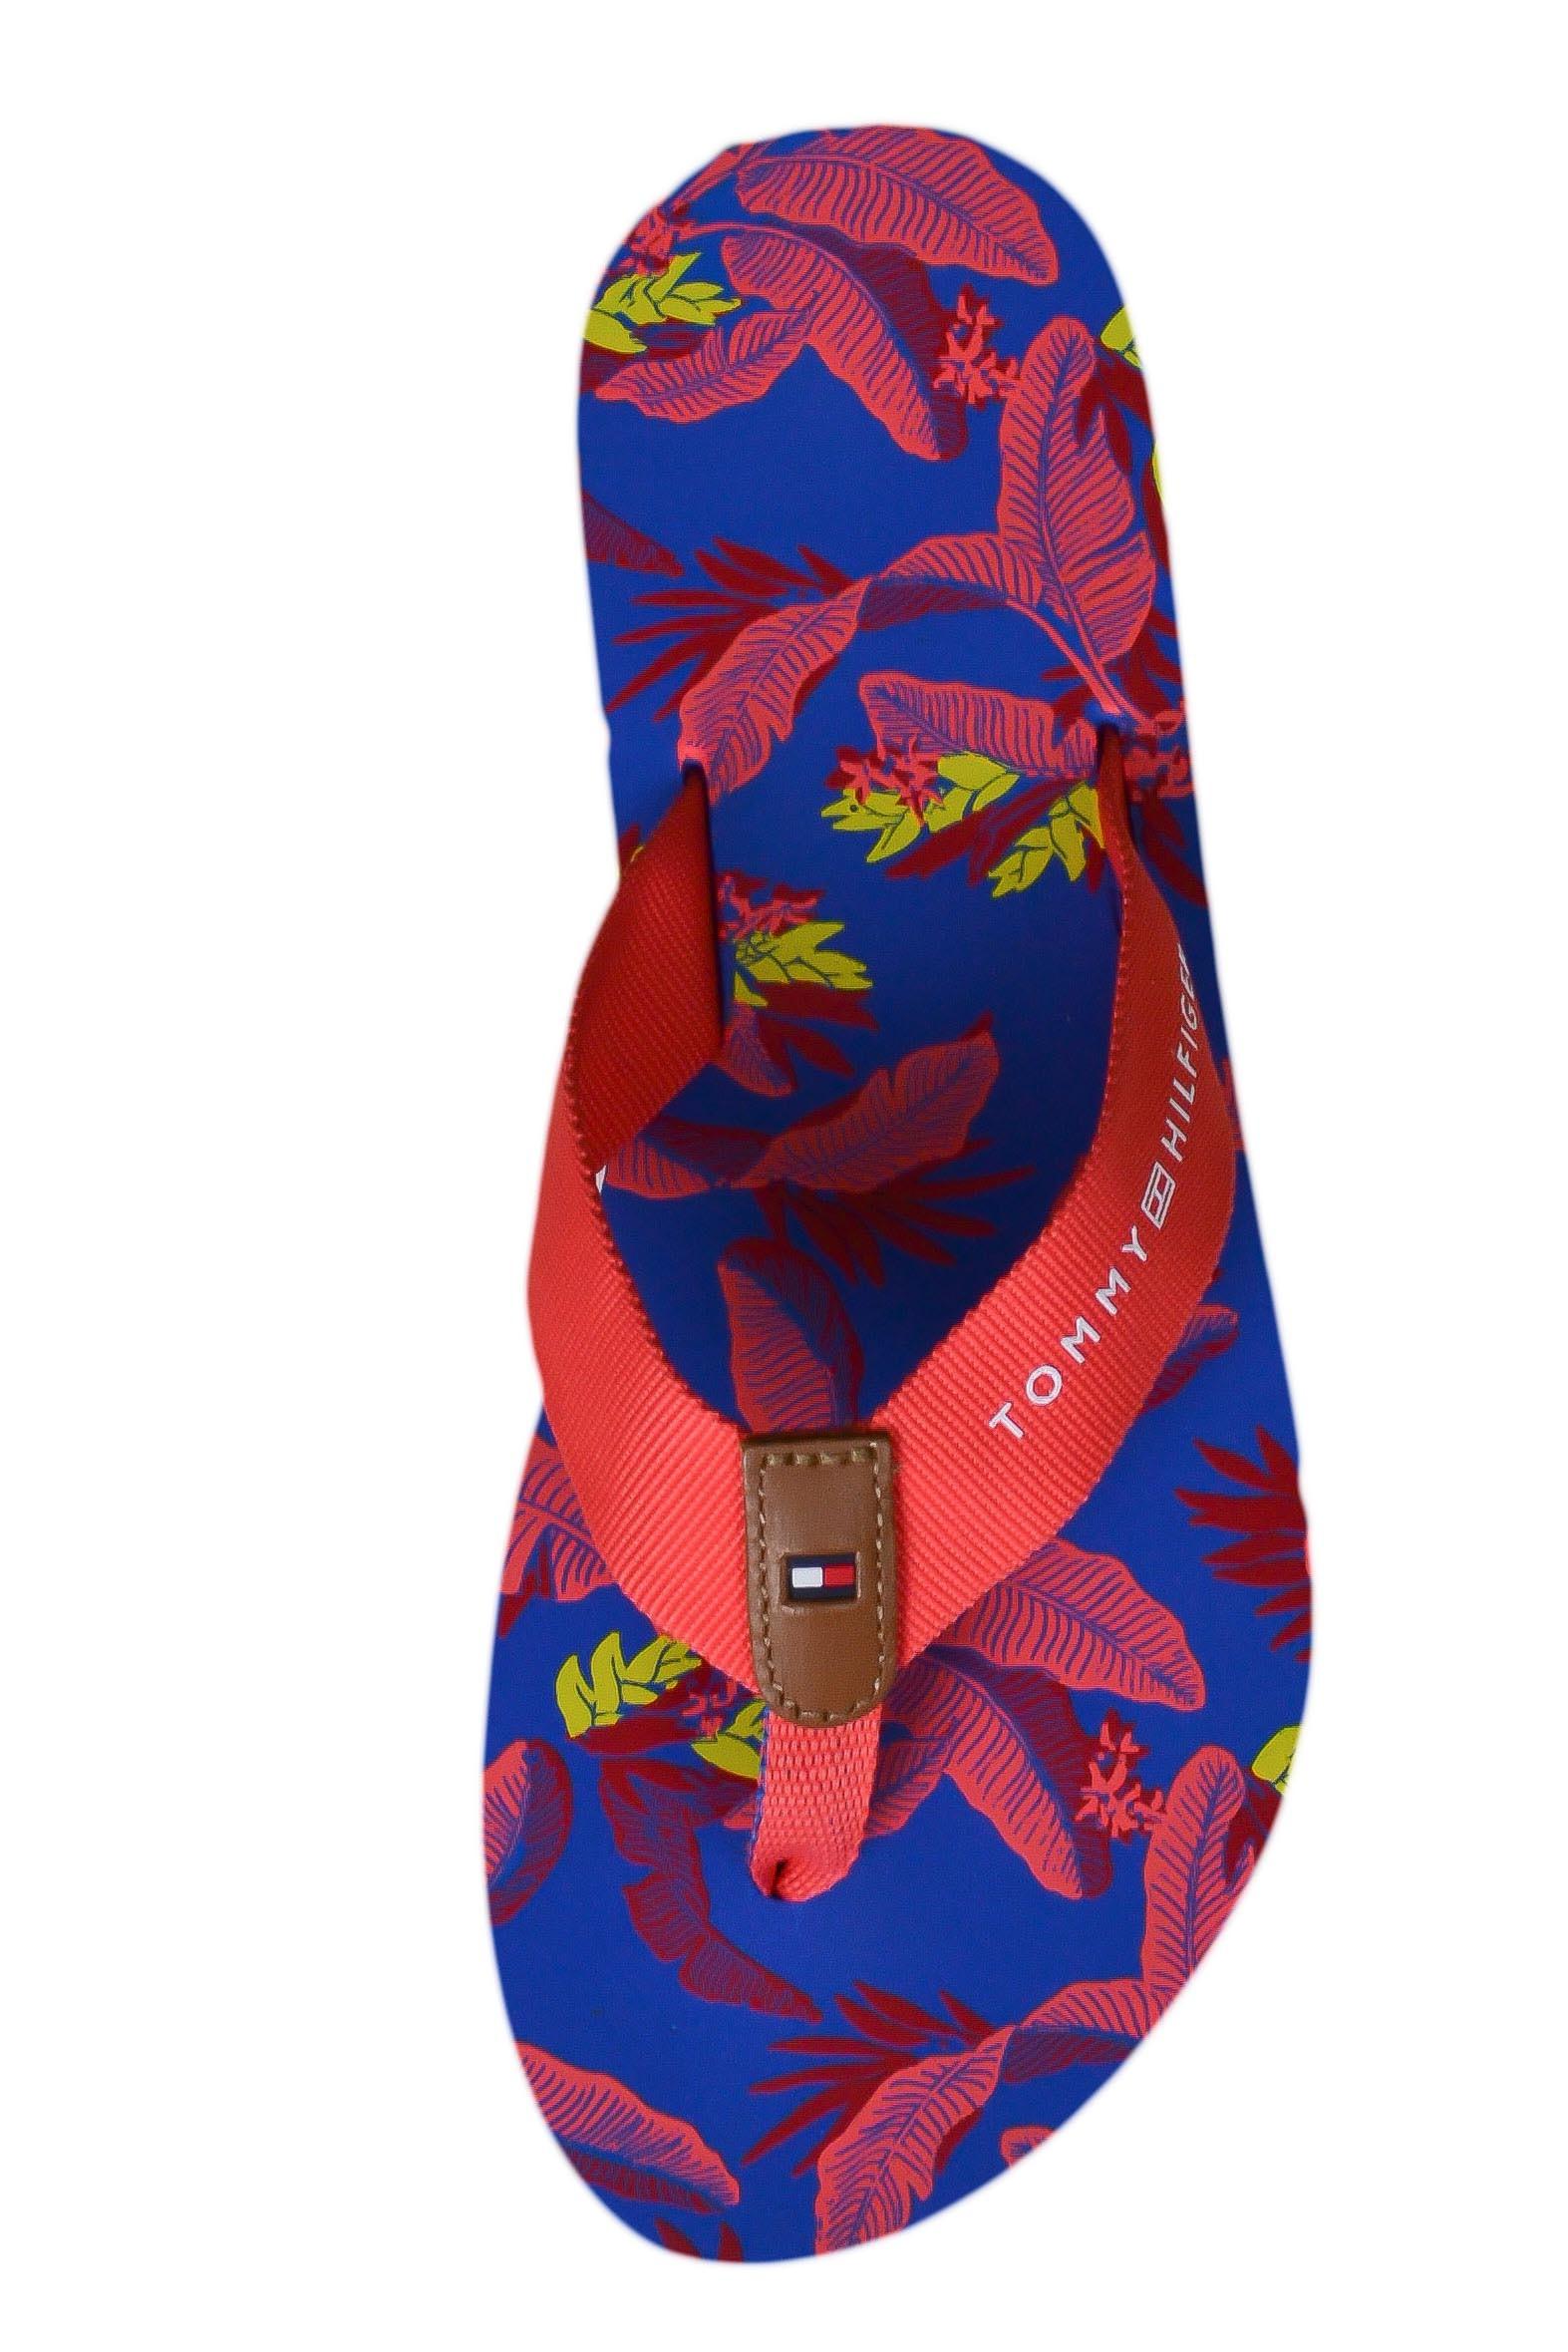 Tongs Tommy Hilfiger orange corail à imprimé floral pour femme To